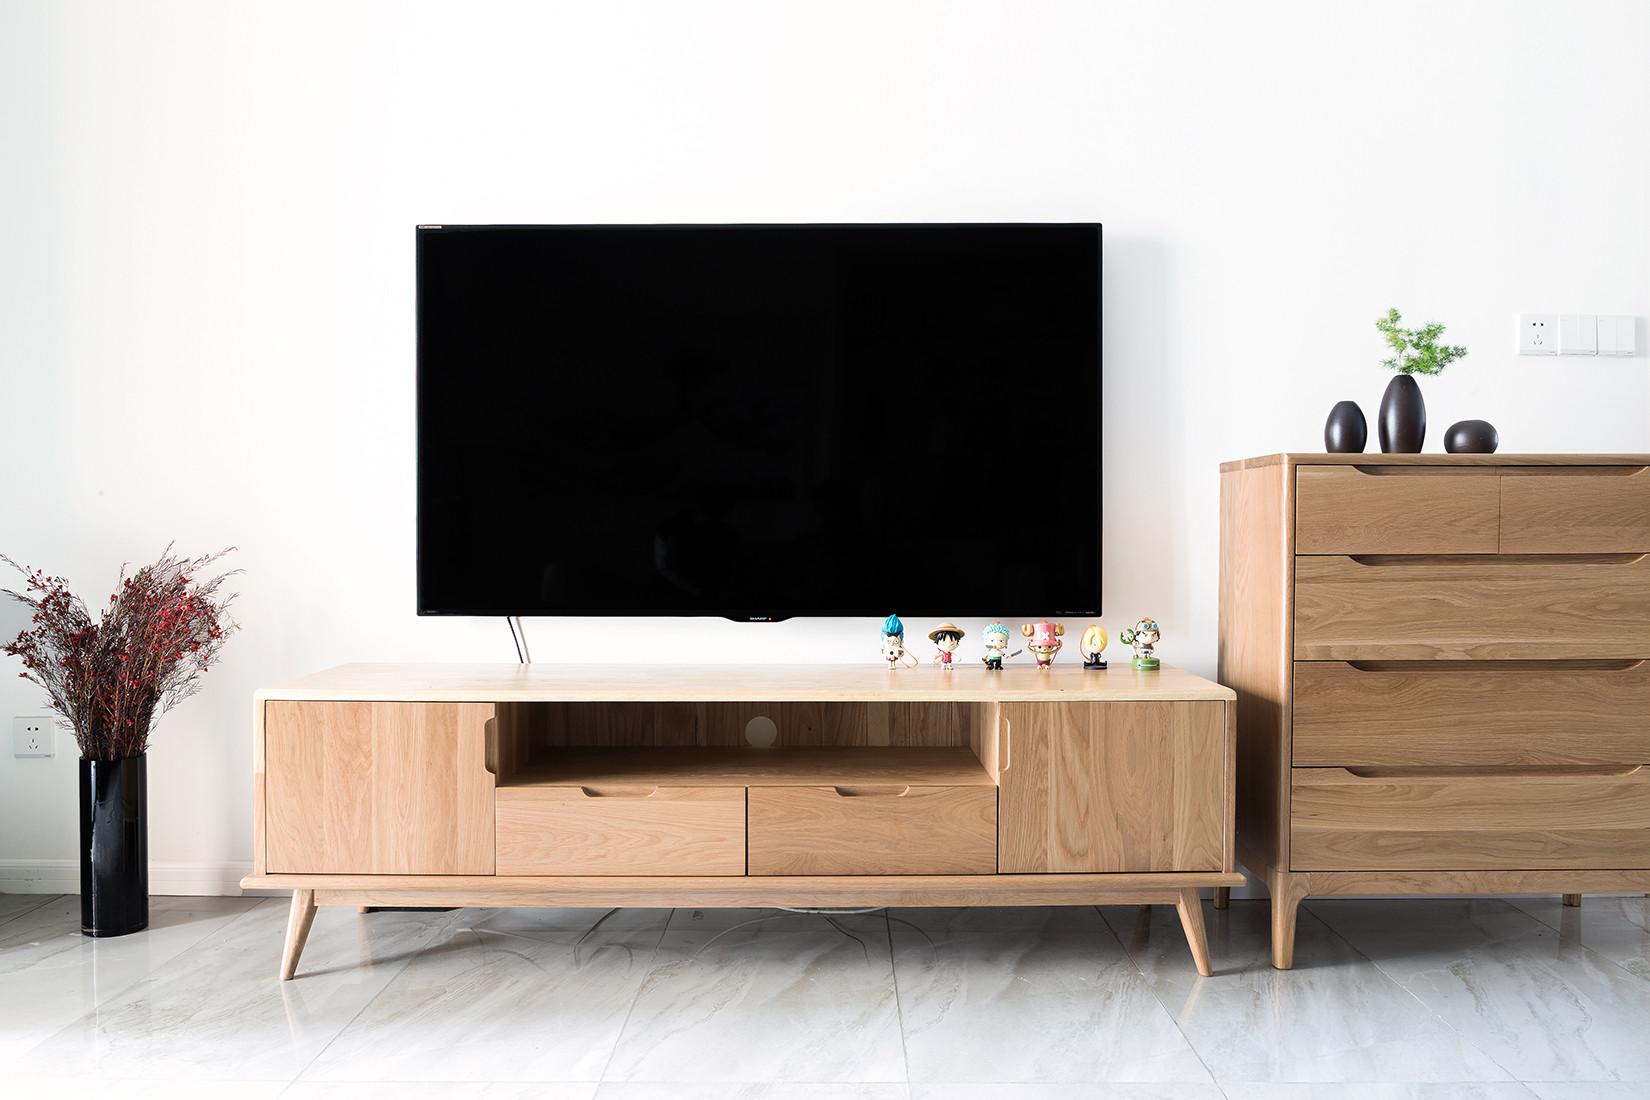 二居室日式风格家电视背景墙图片